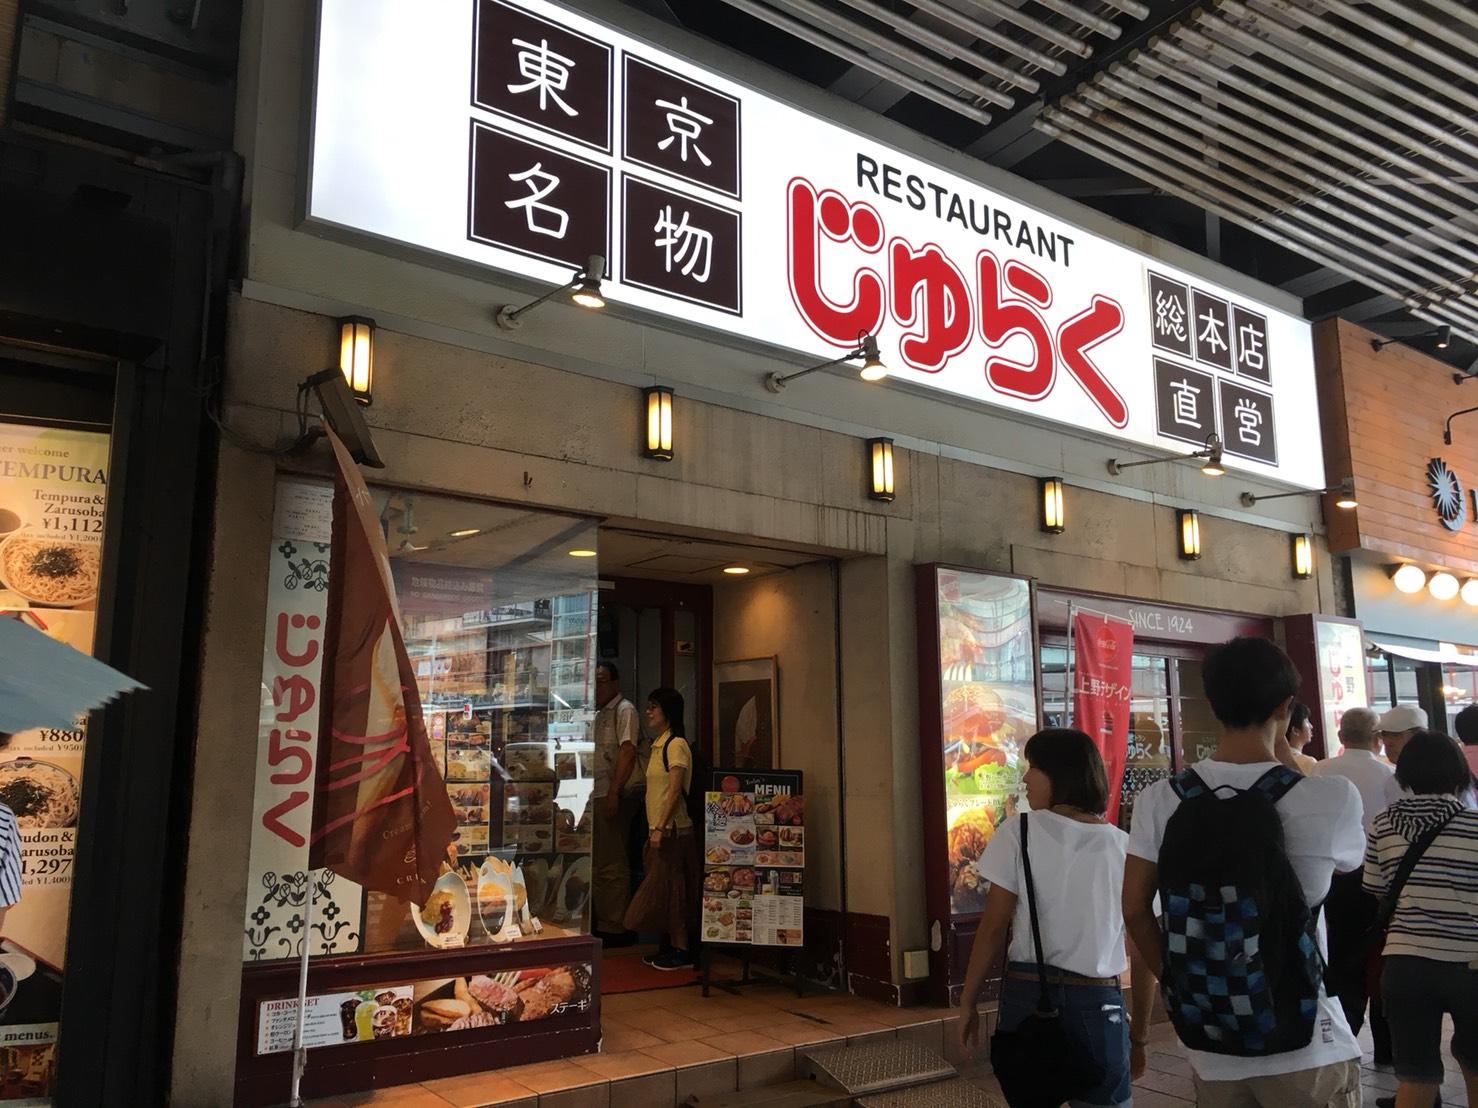 【上野駅】上野と言えば!の「じゅらく」で洋食とパンダパンケーキのじゅらく外観